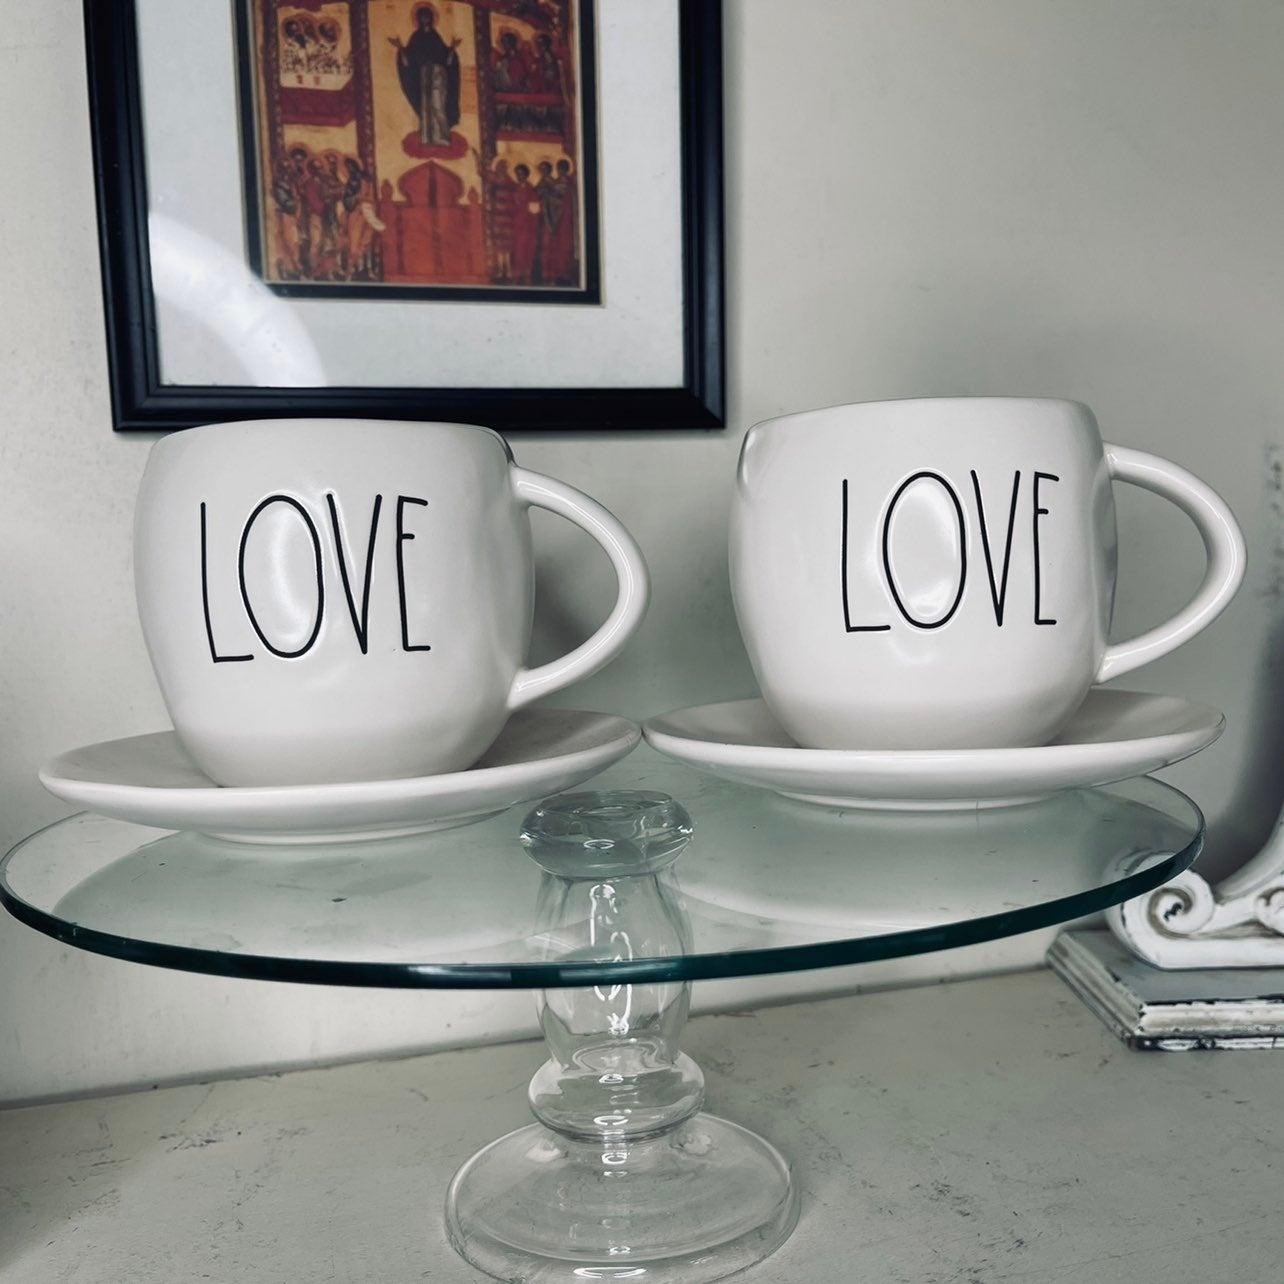 Rae Dunn LOVE Teacup and saucer set